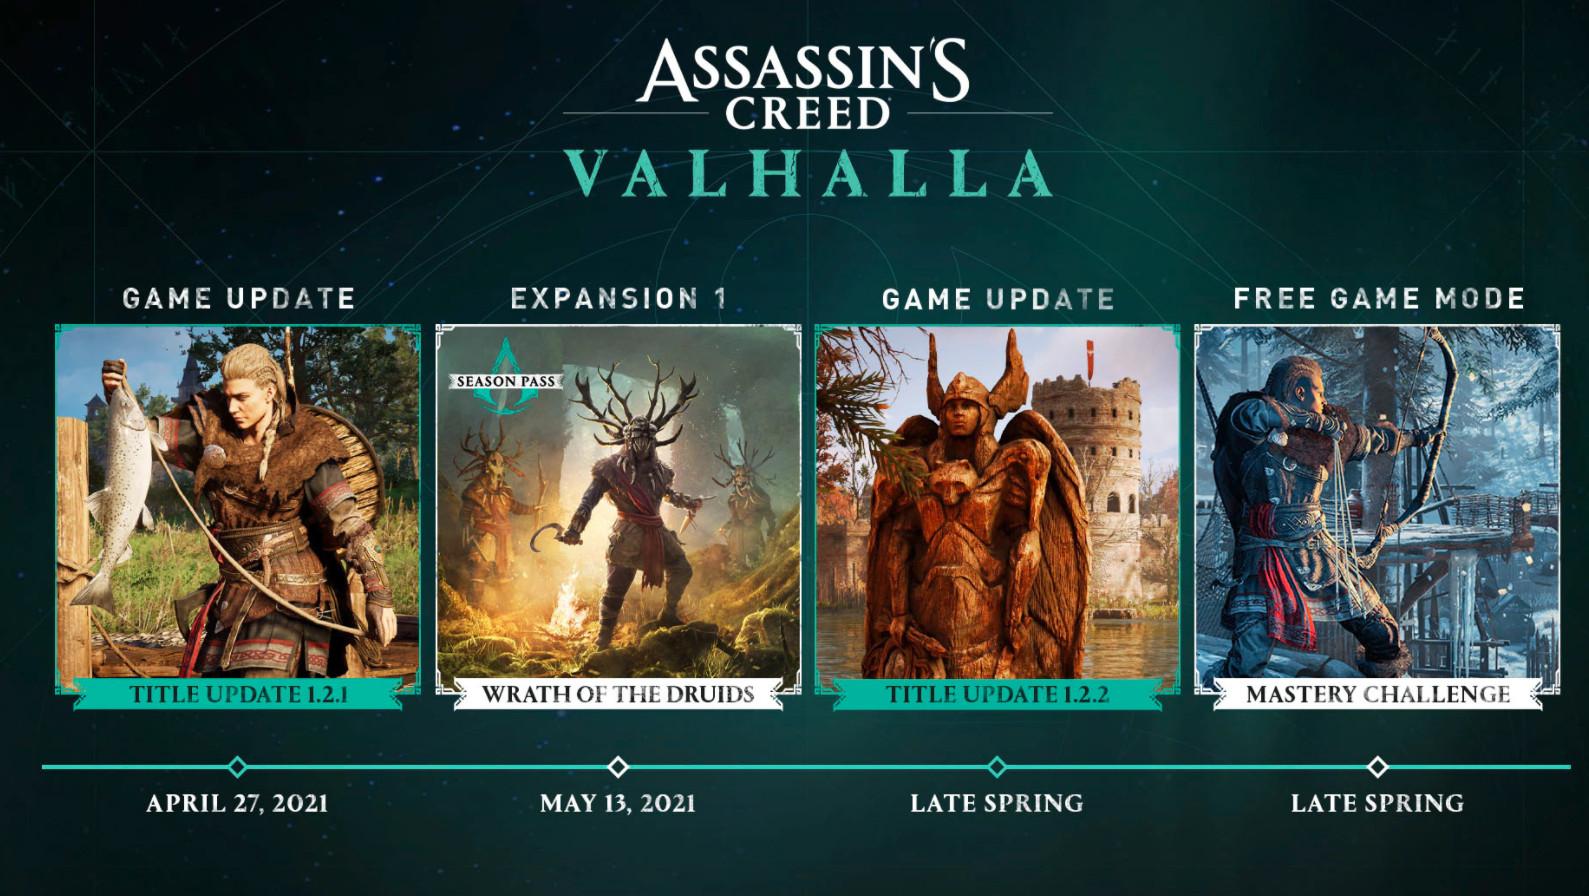 育碧承认《刺客信条:英灵殿》最近更新没有达到玩家预期